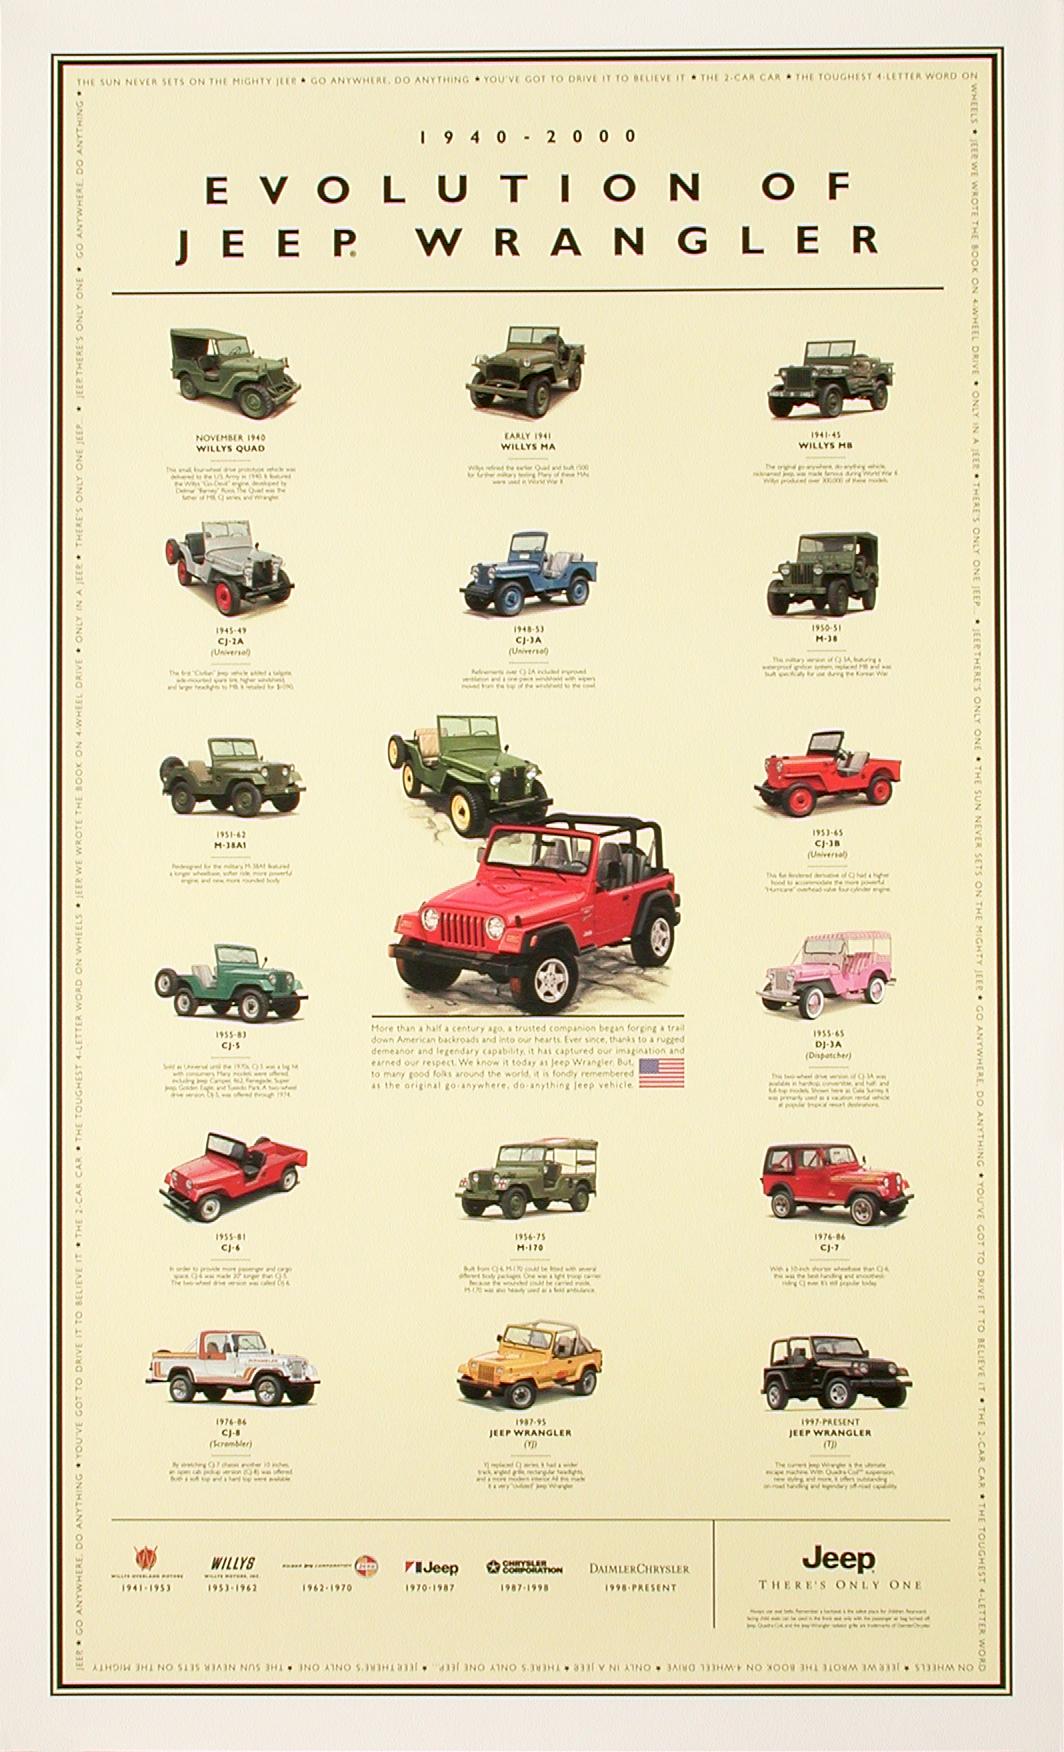 Jeep evol.